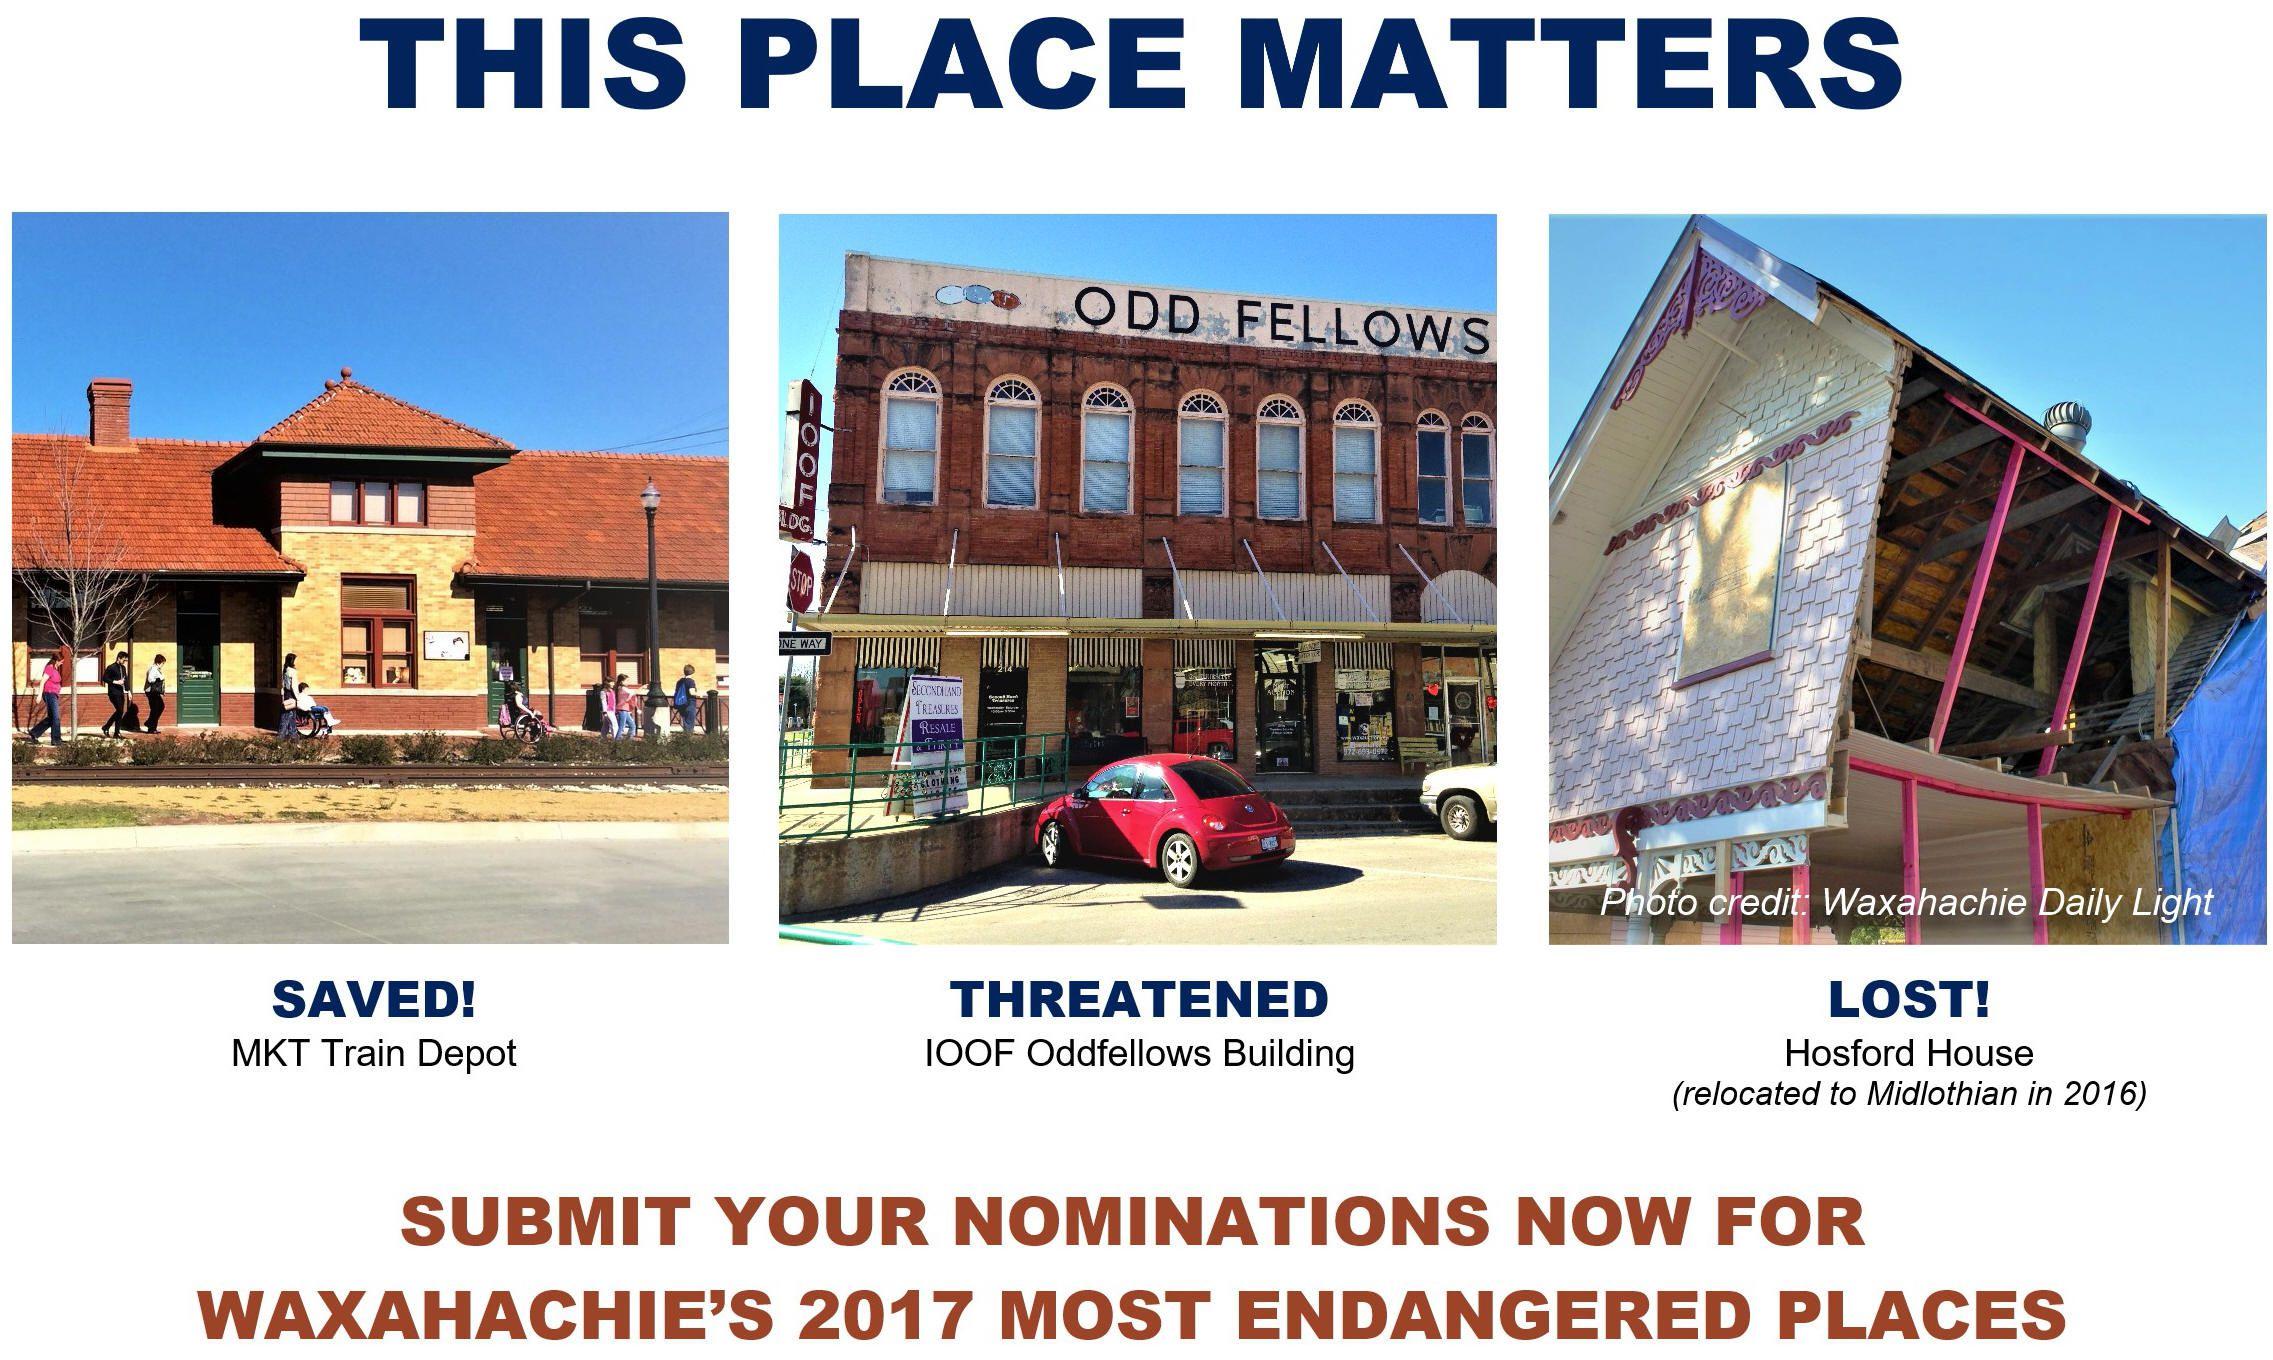 Endangered Places Postcard-Trimmed_compressed